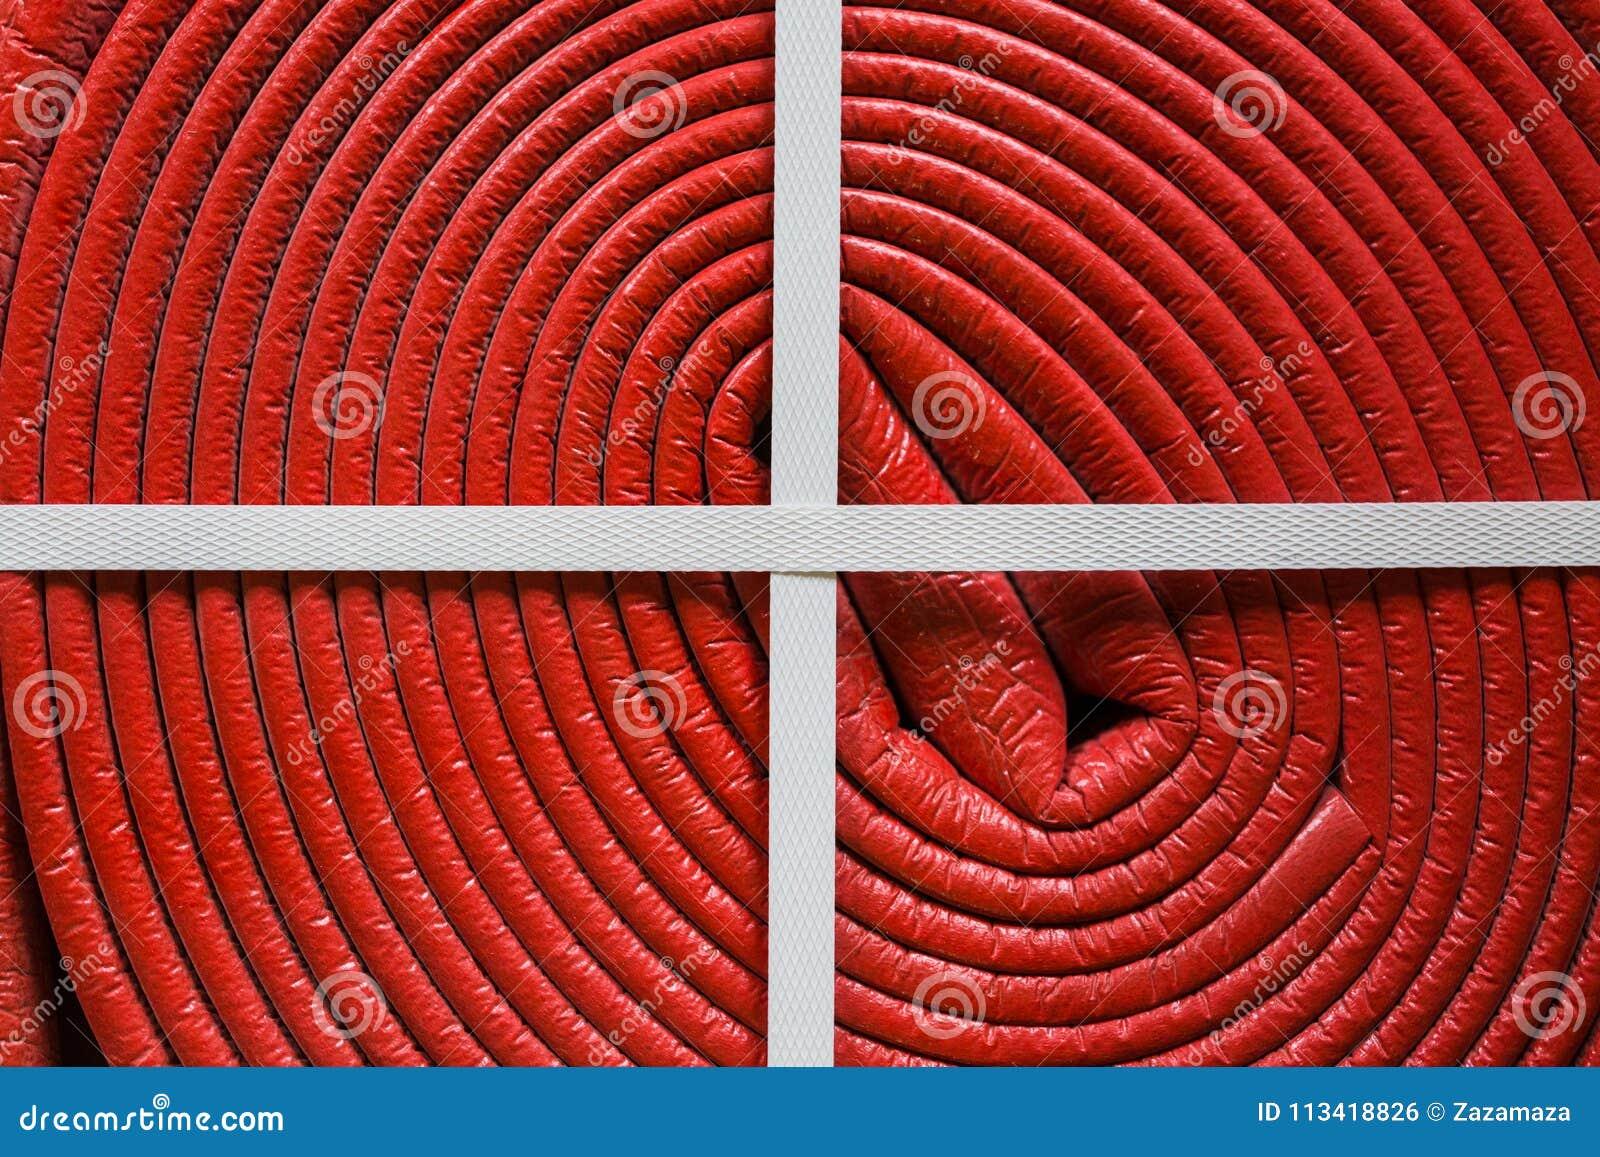 Röda röret sökning